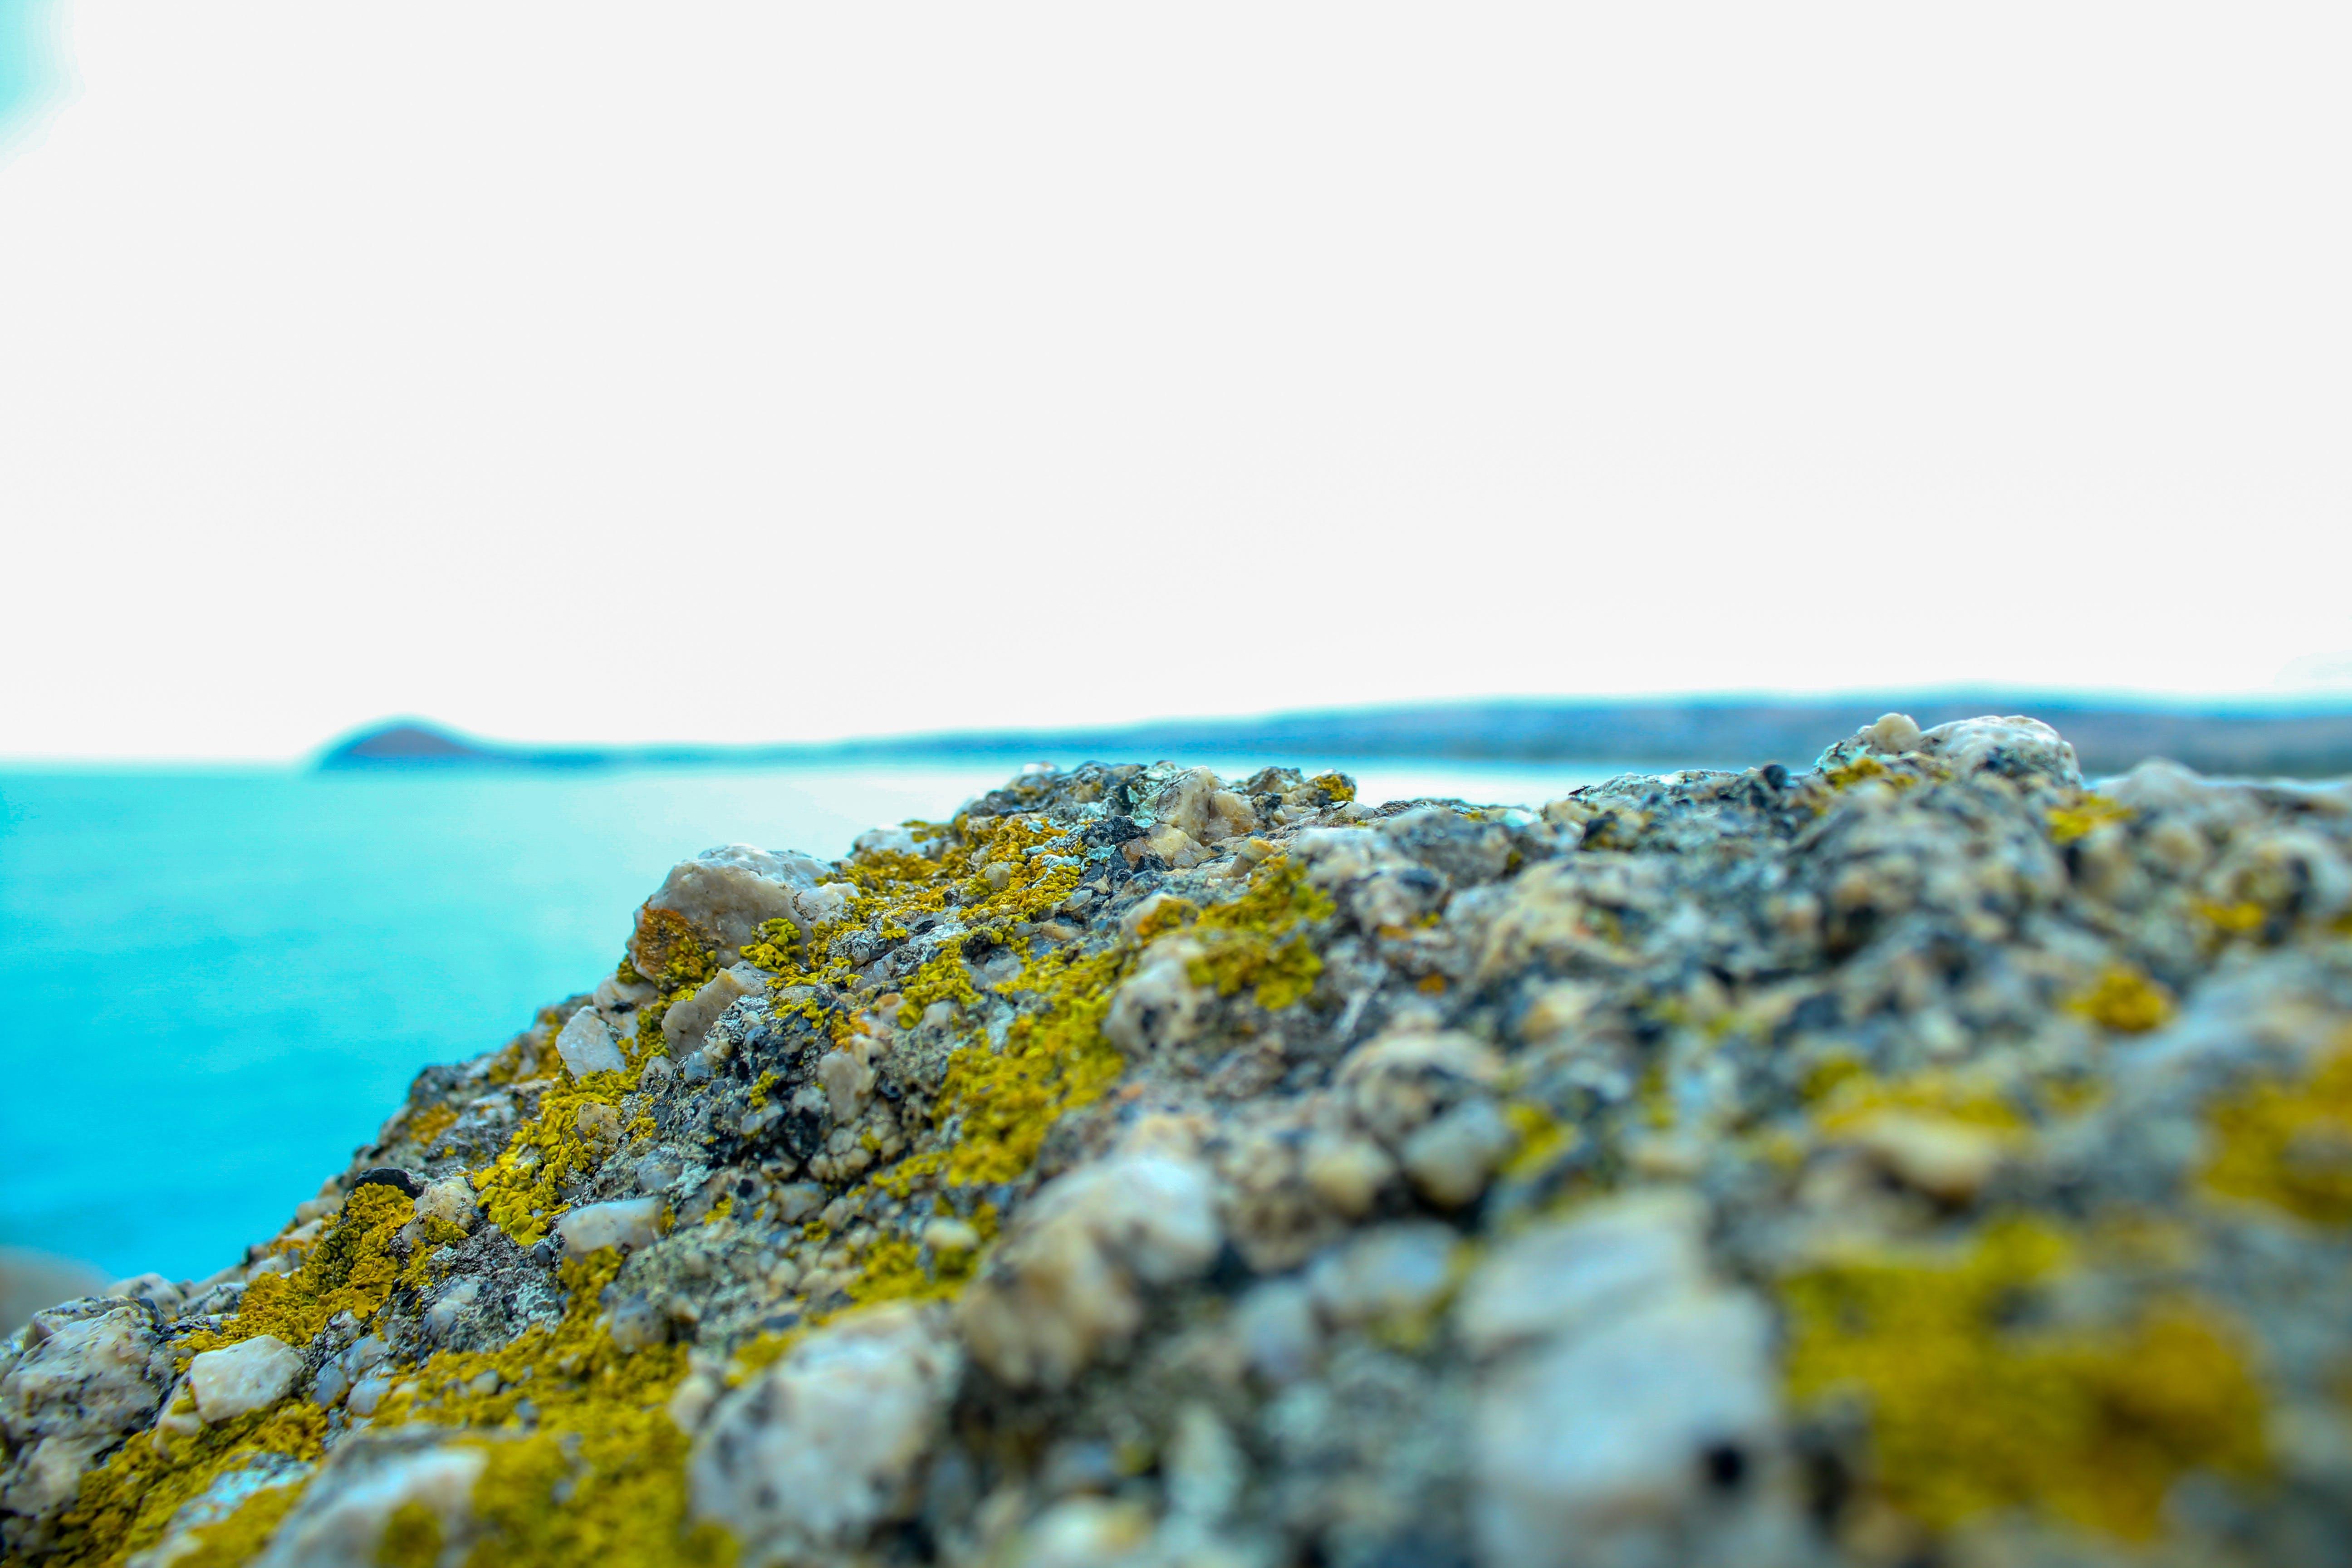 경치, 락, 모래, 물의 무료 스톡 사진